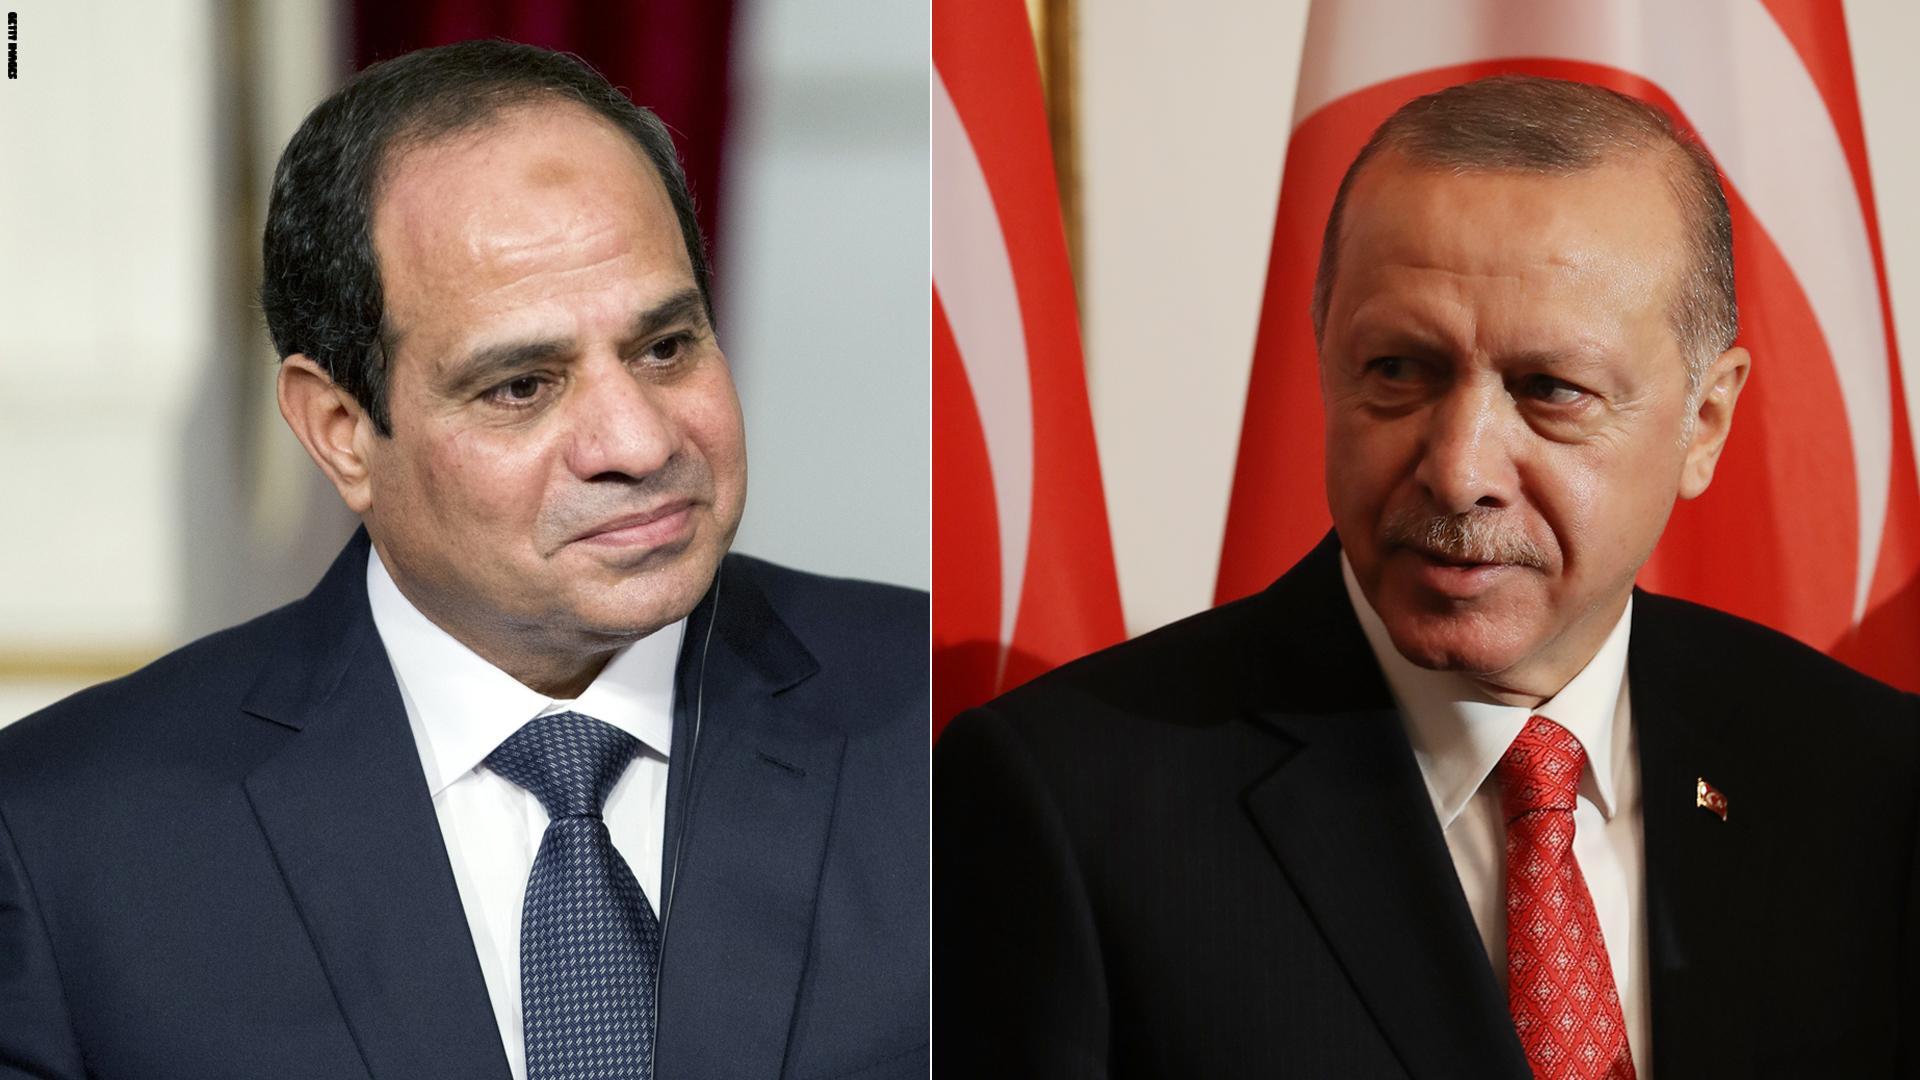 خبير روسي : لن تحدث مواجهة عسكرية بين تركيا ومصر في ليبيا